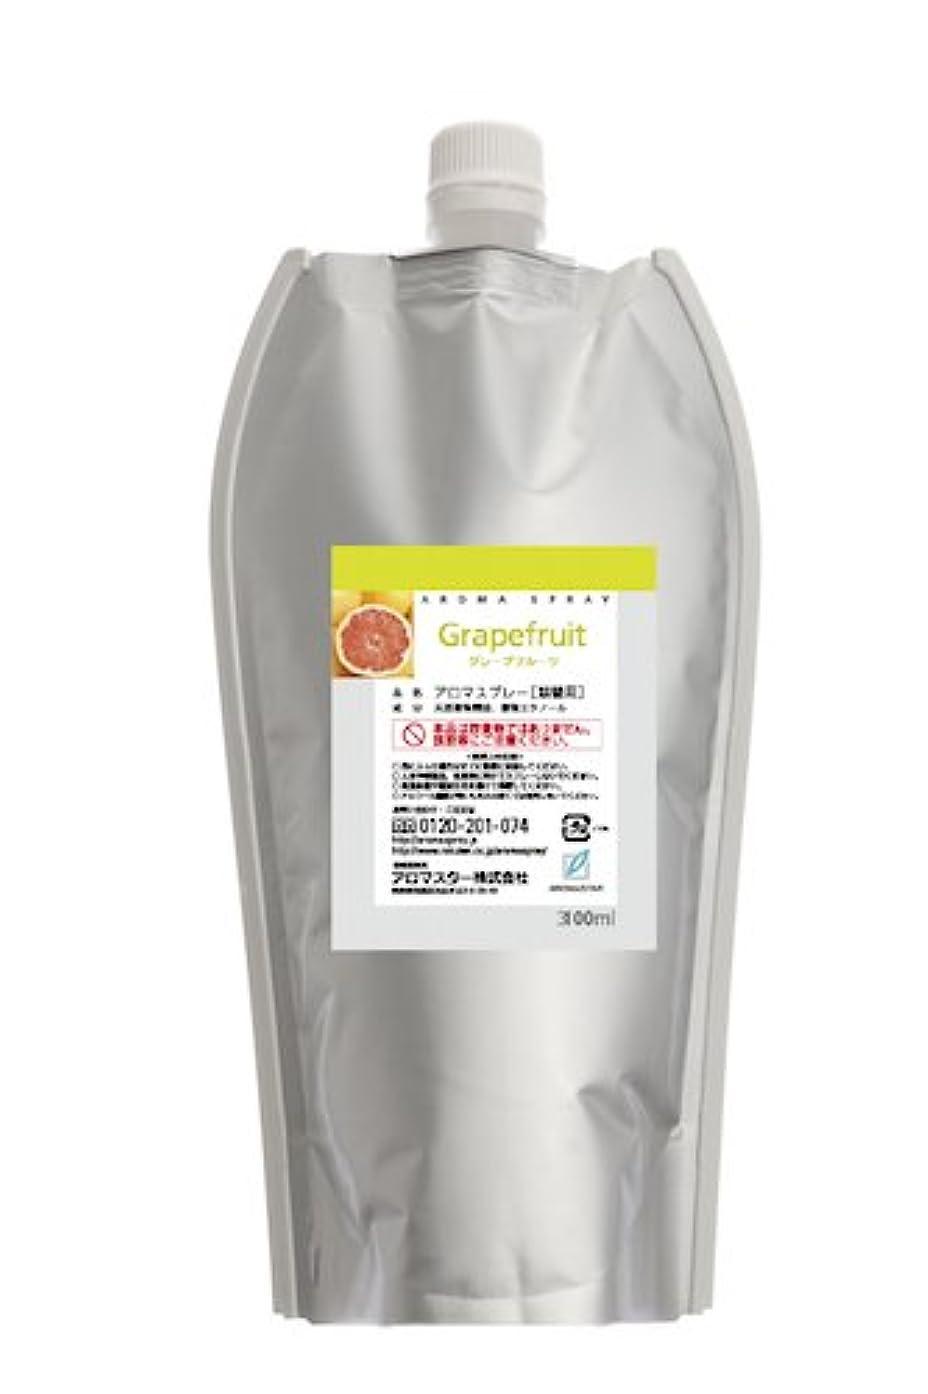 池トライアスロン世論調査AROMASTAR(アロマスター) アロマスプレー グレープフルーツ 300ml詰替用(エコパック)